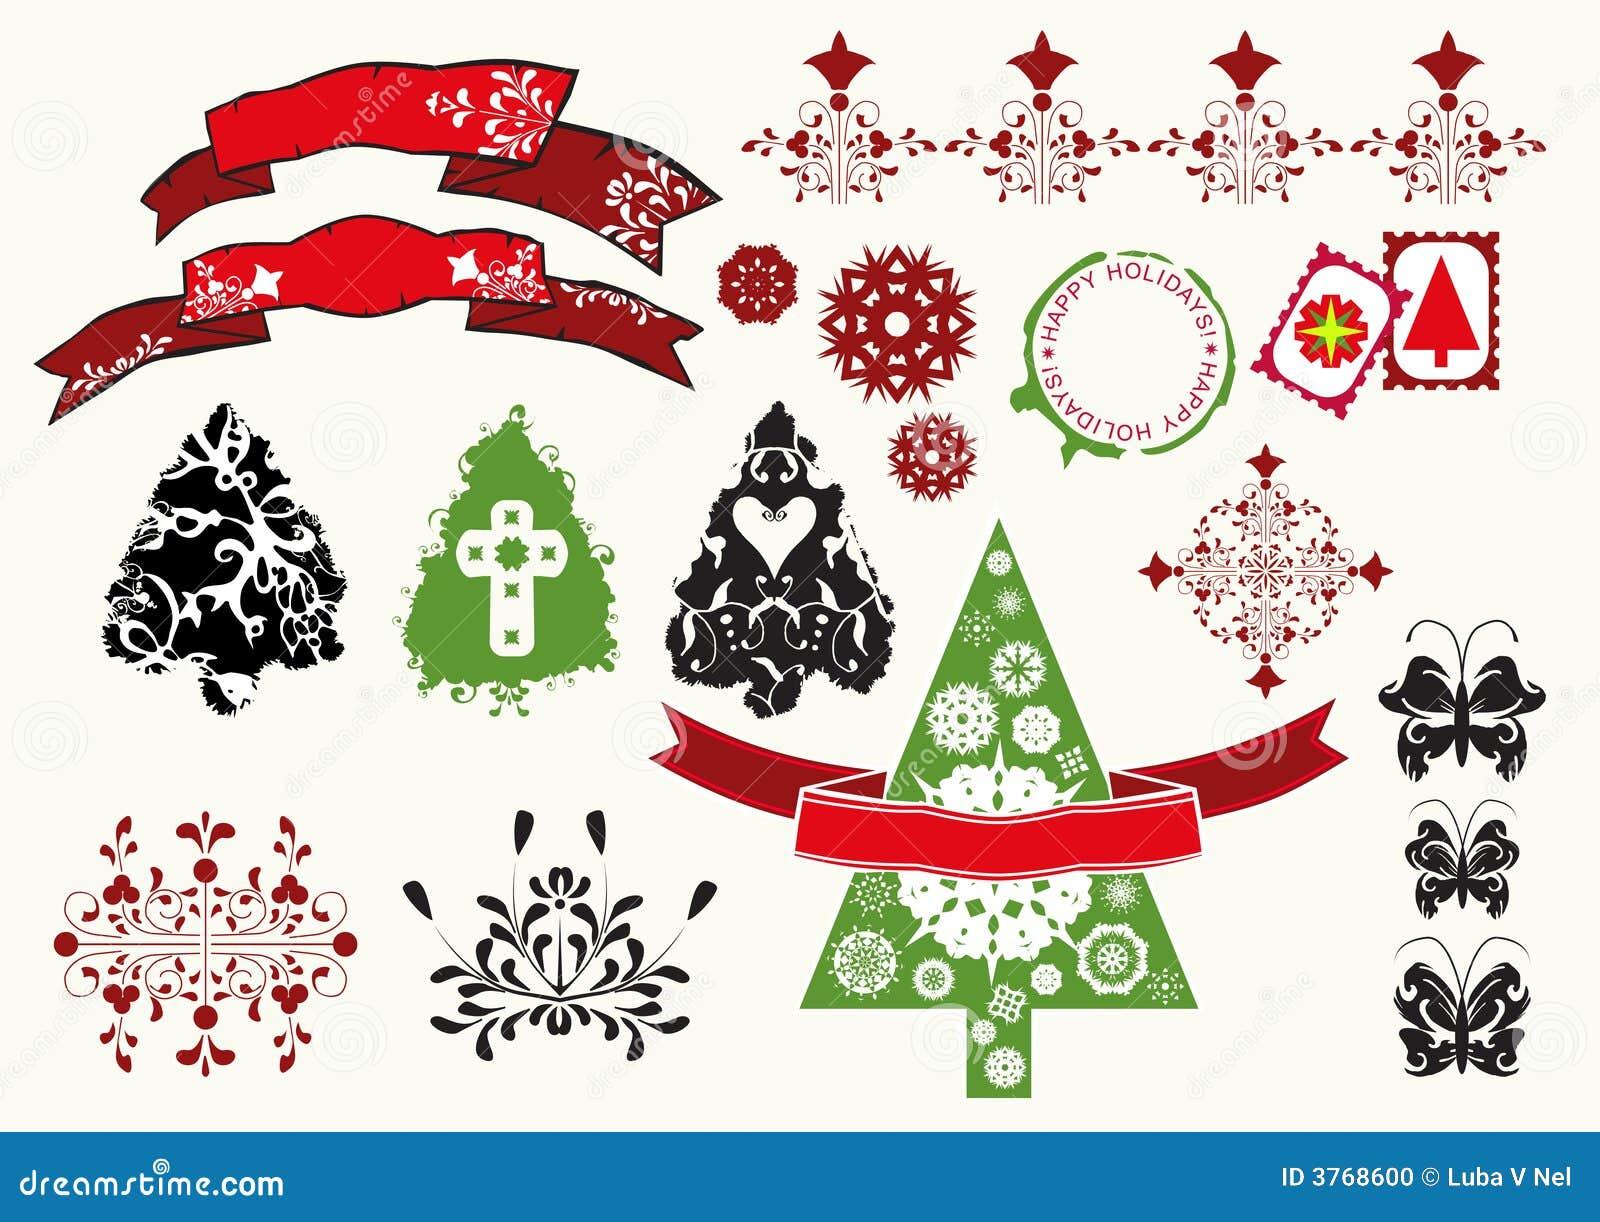 Disegni Di Natale Vettoriali.Disegni Di Natale Illustrazione Vettoriale Illustrazione Di